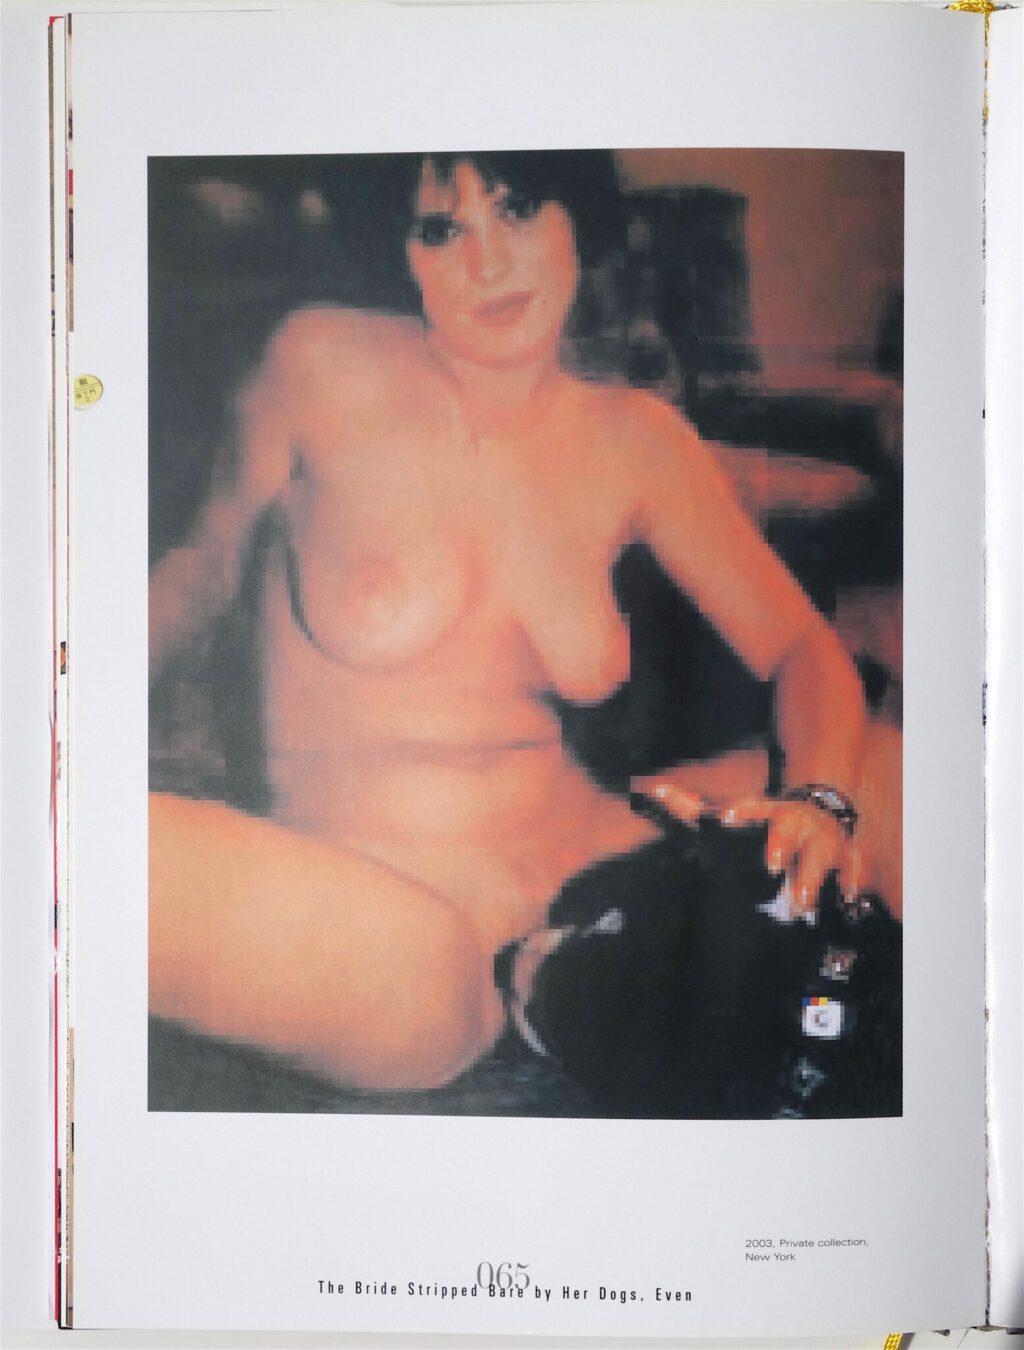 亜 真里男 Mario A「The Bride Stripped Bare by Her Dogs, Even」(2003年)oil on printed canvas, unique